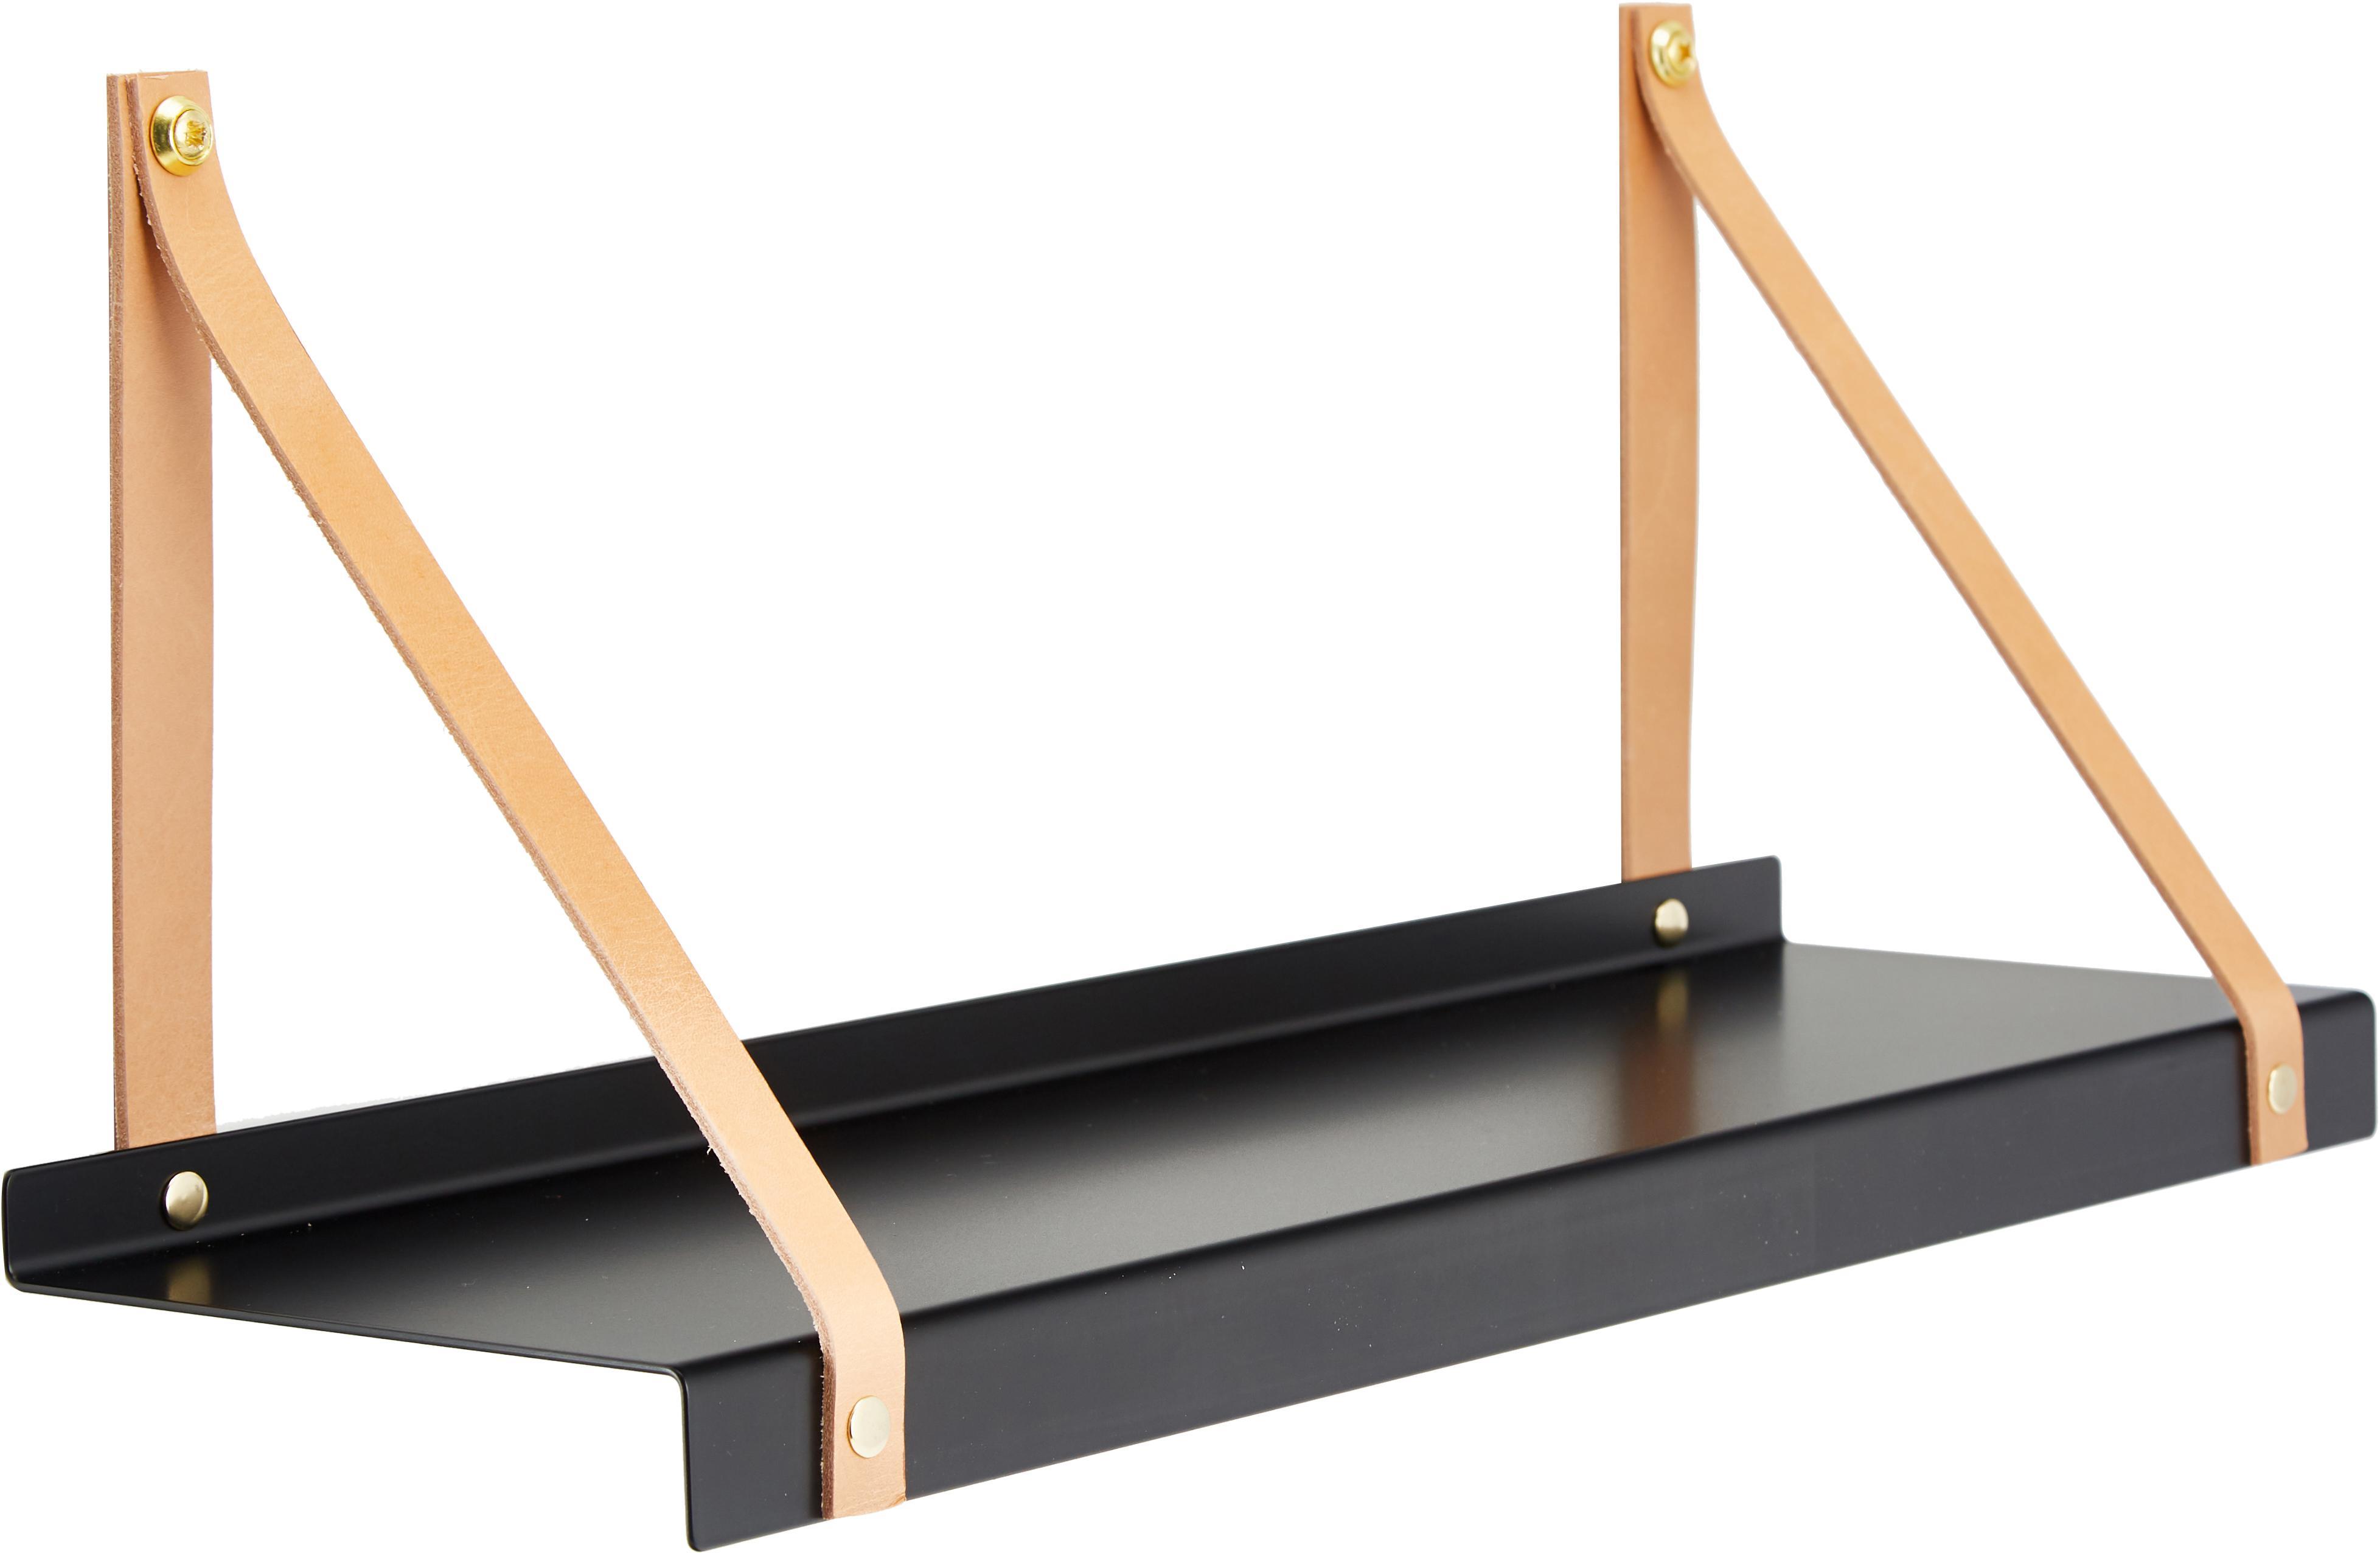 Mensola a muro con cinturini in pelle Shelfie, Mensola: metallo verniciato a polv, Cinturino: pelle, Nero, marrone, Larg. 50 x Prof. 23 cm